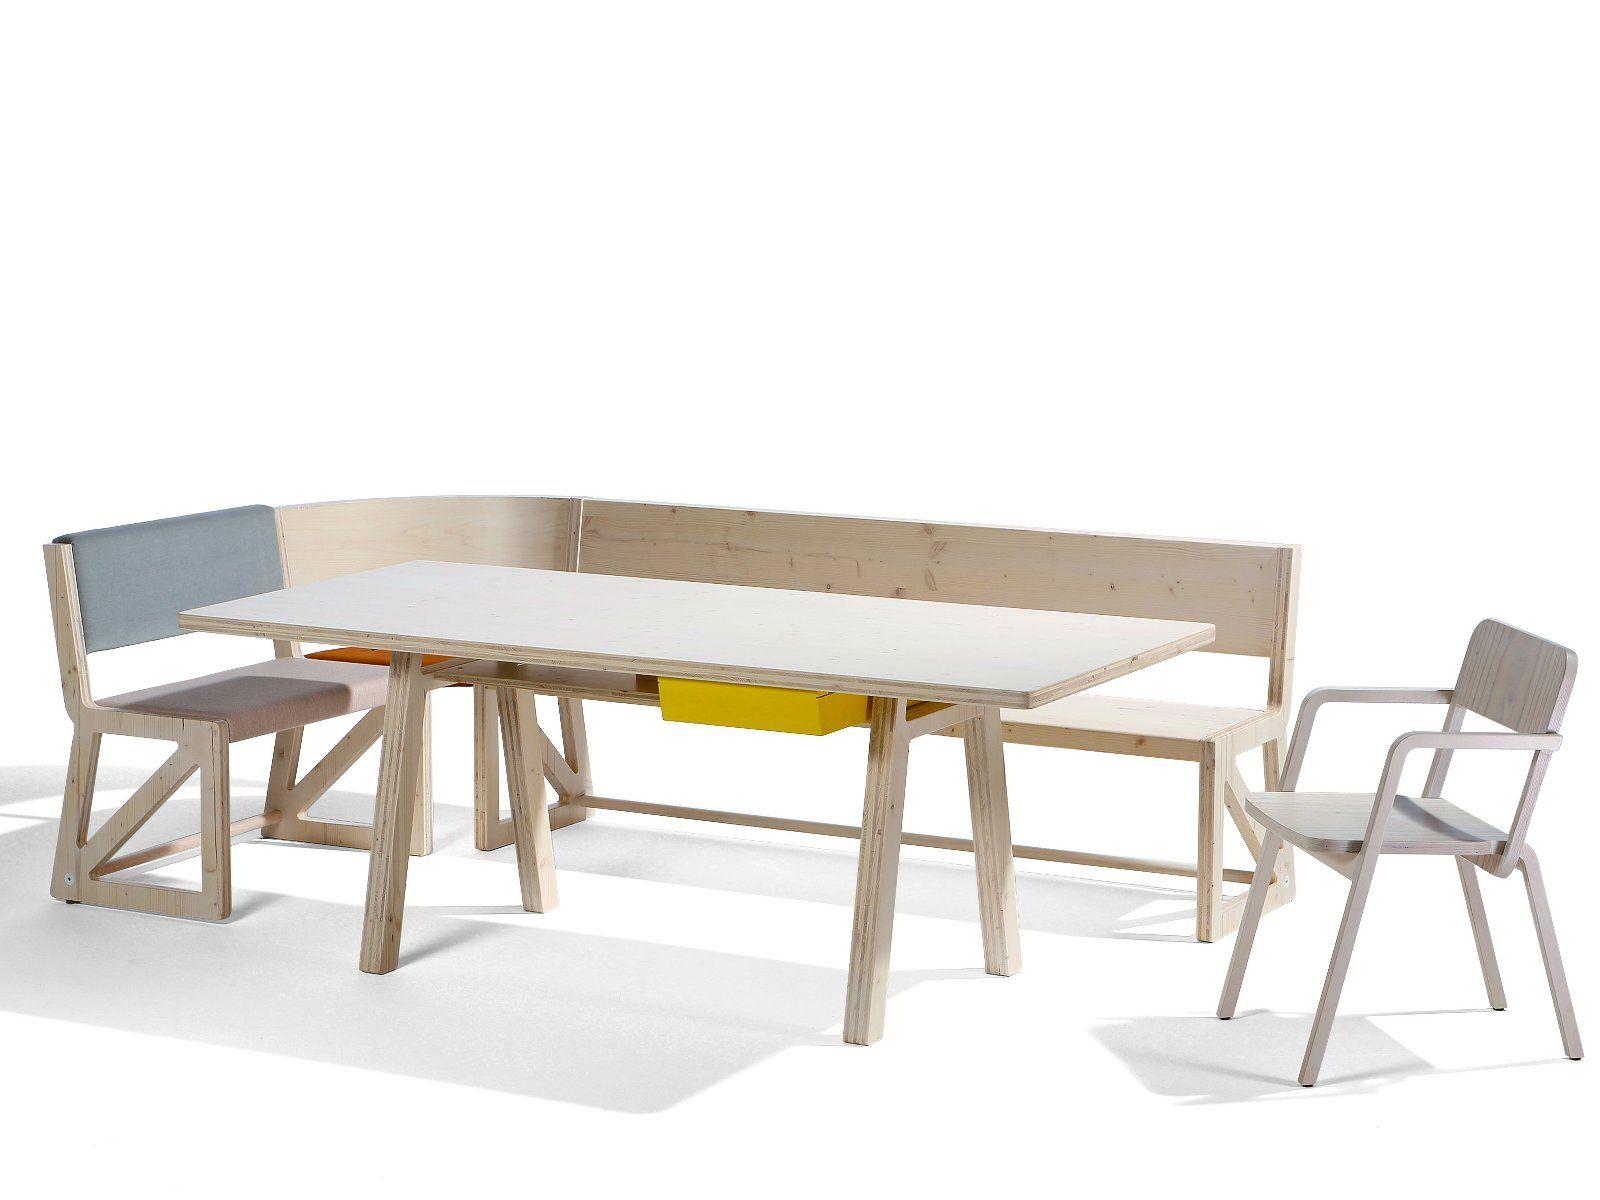 Panche moderne per tavolo la scelta giusta variata sul - Panche in legno per cucina ...